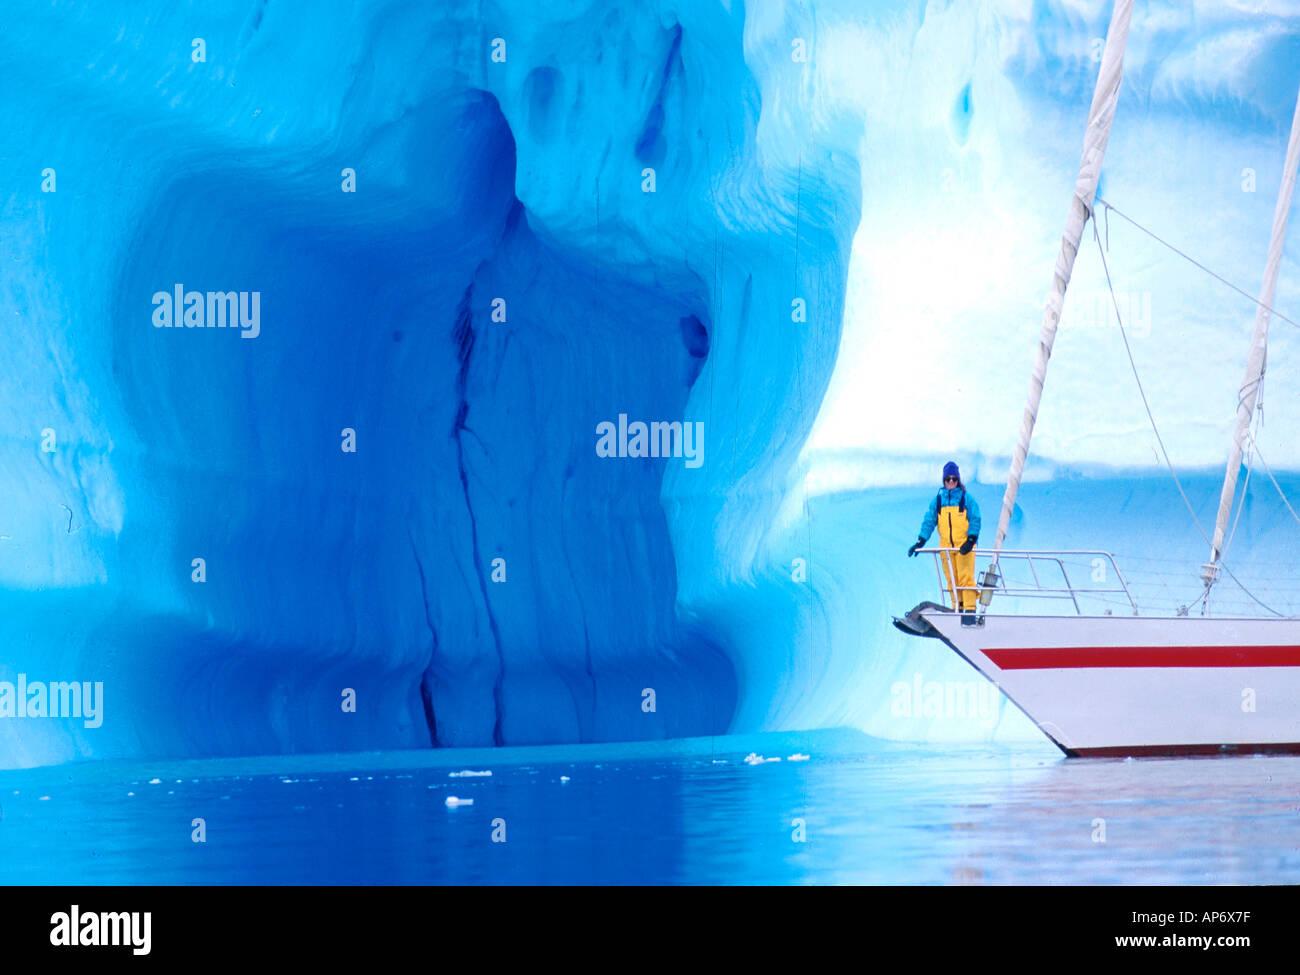 Location de poissons pélagiques avec iceberg dans l'Antarctique Photo Stock